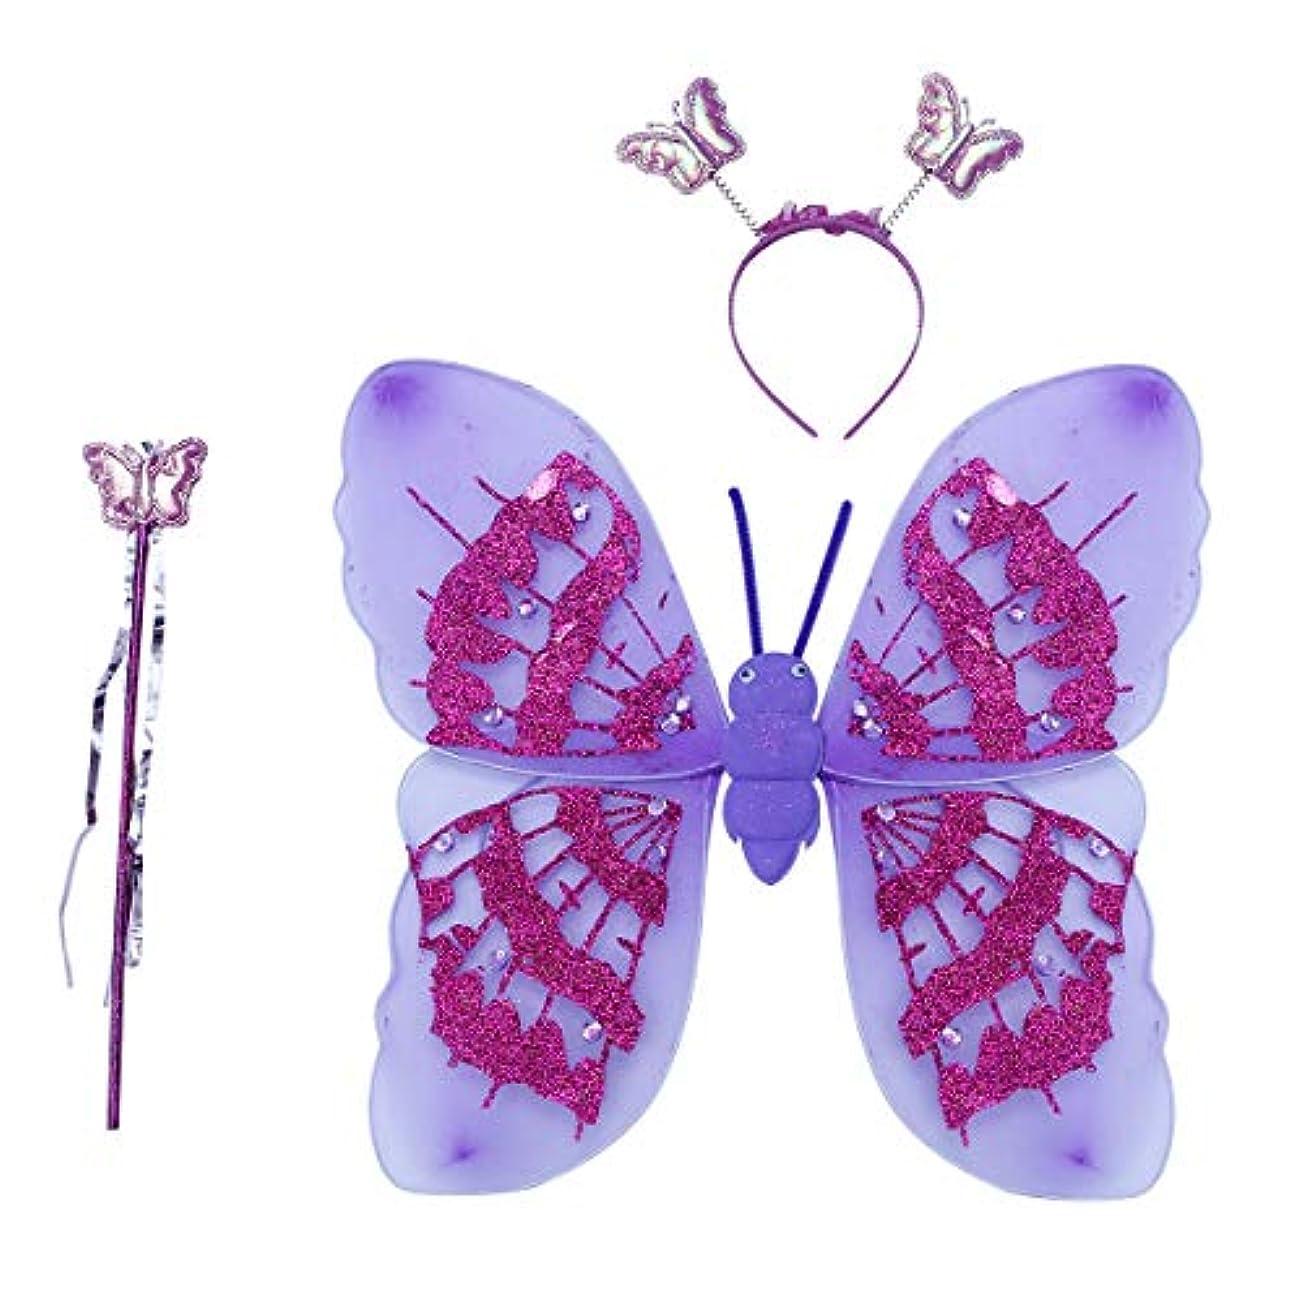 複雑男らしい嵐BESTOYARD ガールズフェアリーバタフライウィングスコスチュームヘアバンドフェアリーワンドパフォーマンスコスチュームセットパーティーコスチュームセット(3pcs、Purple)